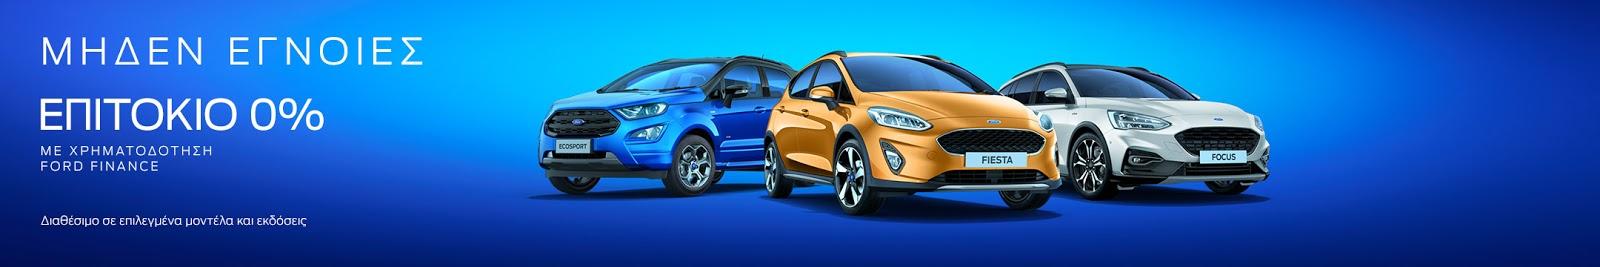 Η Ford προσφέρει αγορές με μηδενικό επιτόκιο! Ford, Ford EcoSport, Ford Fiesta, Ford Focus, αγορά, δόσεις, καινούργιο, καινούρια, προσφορές